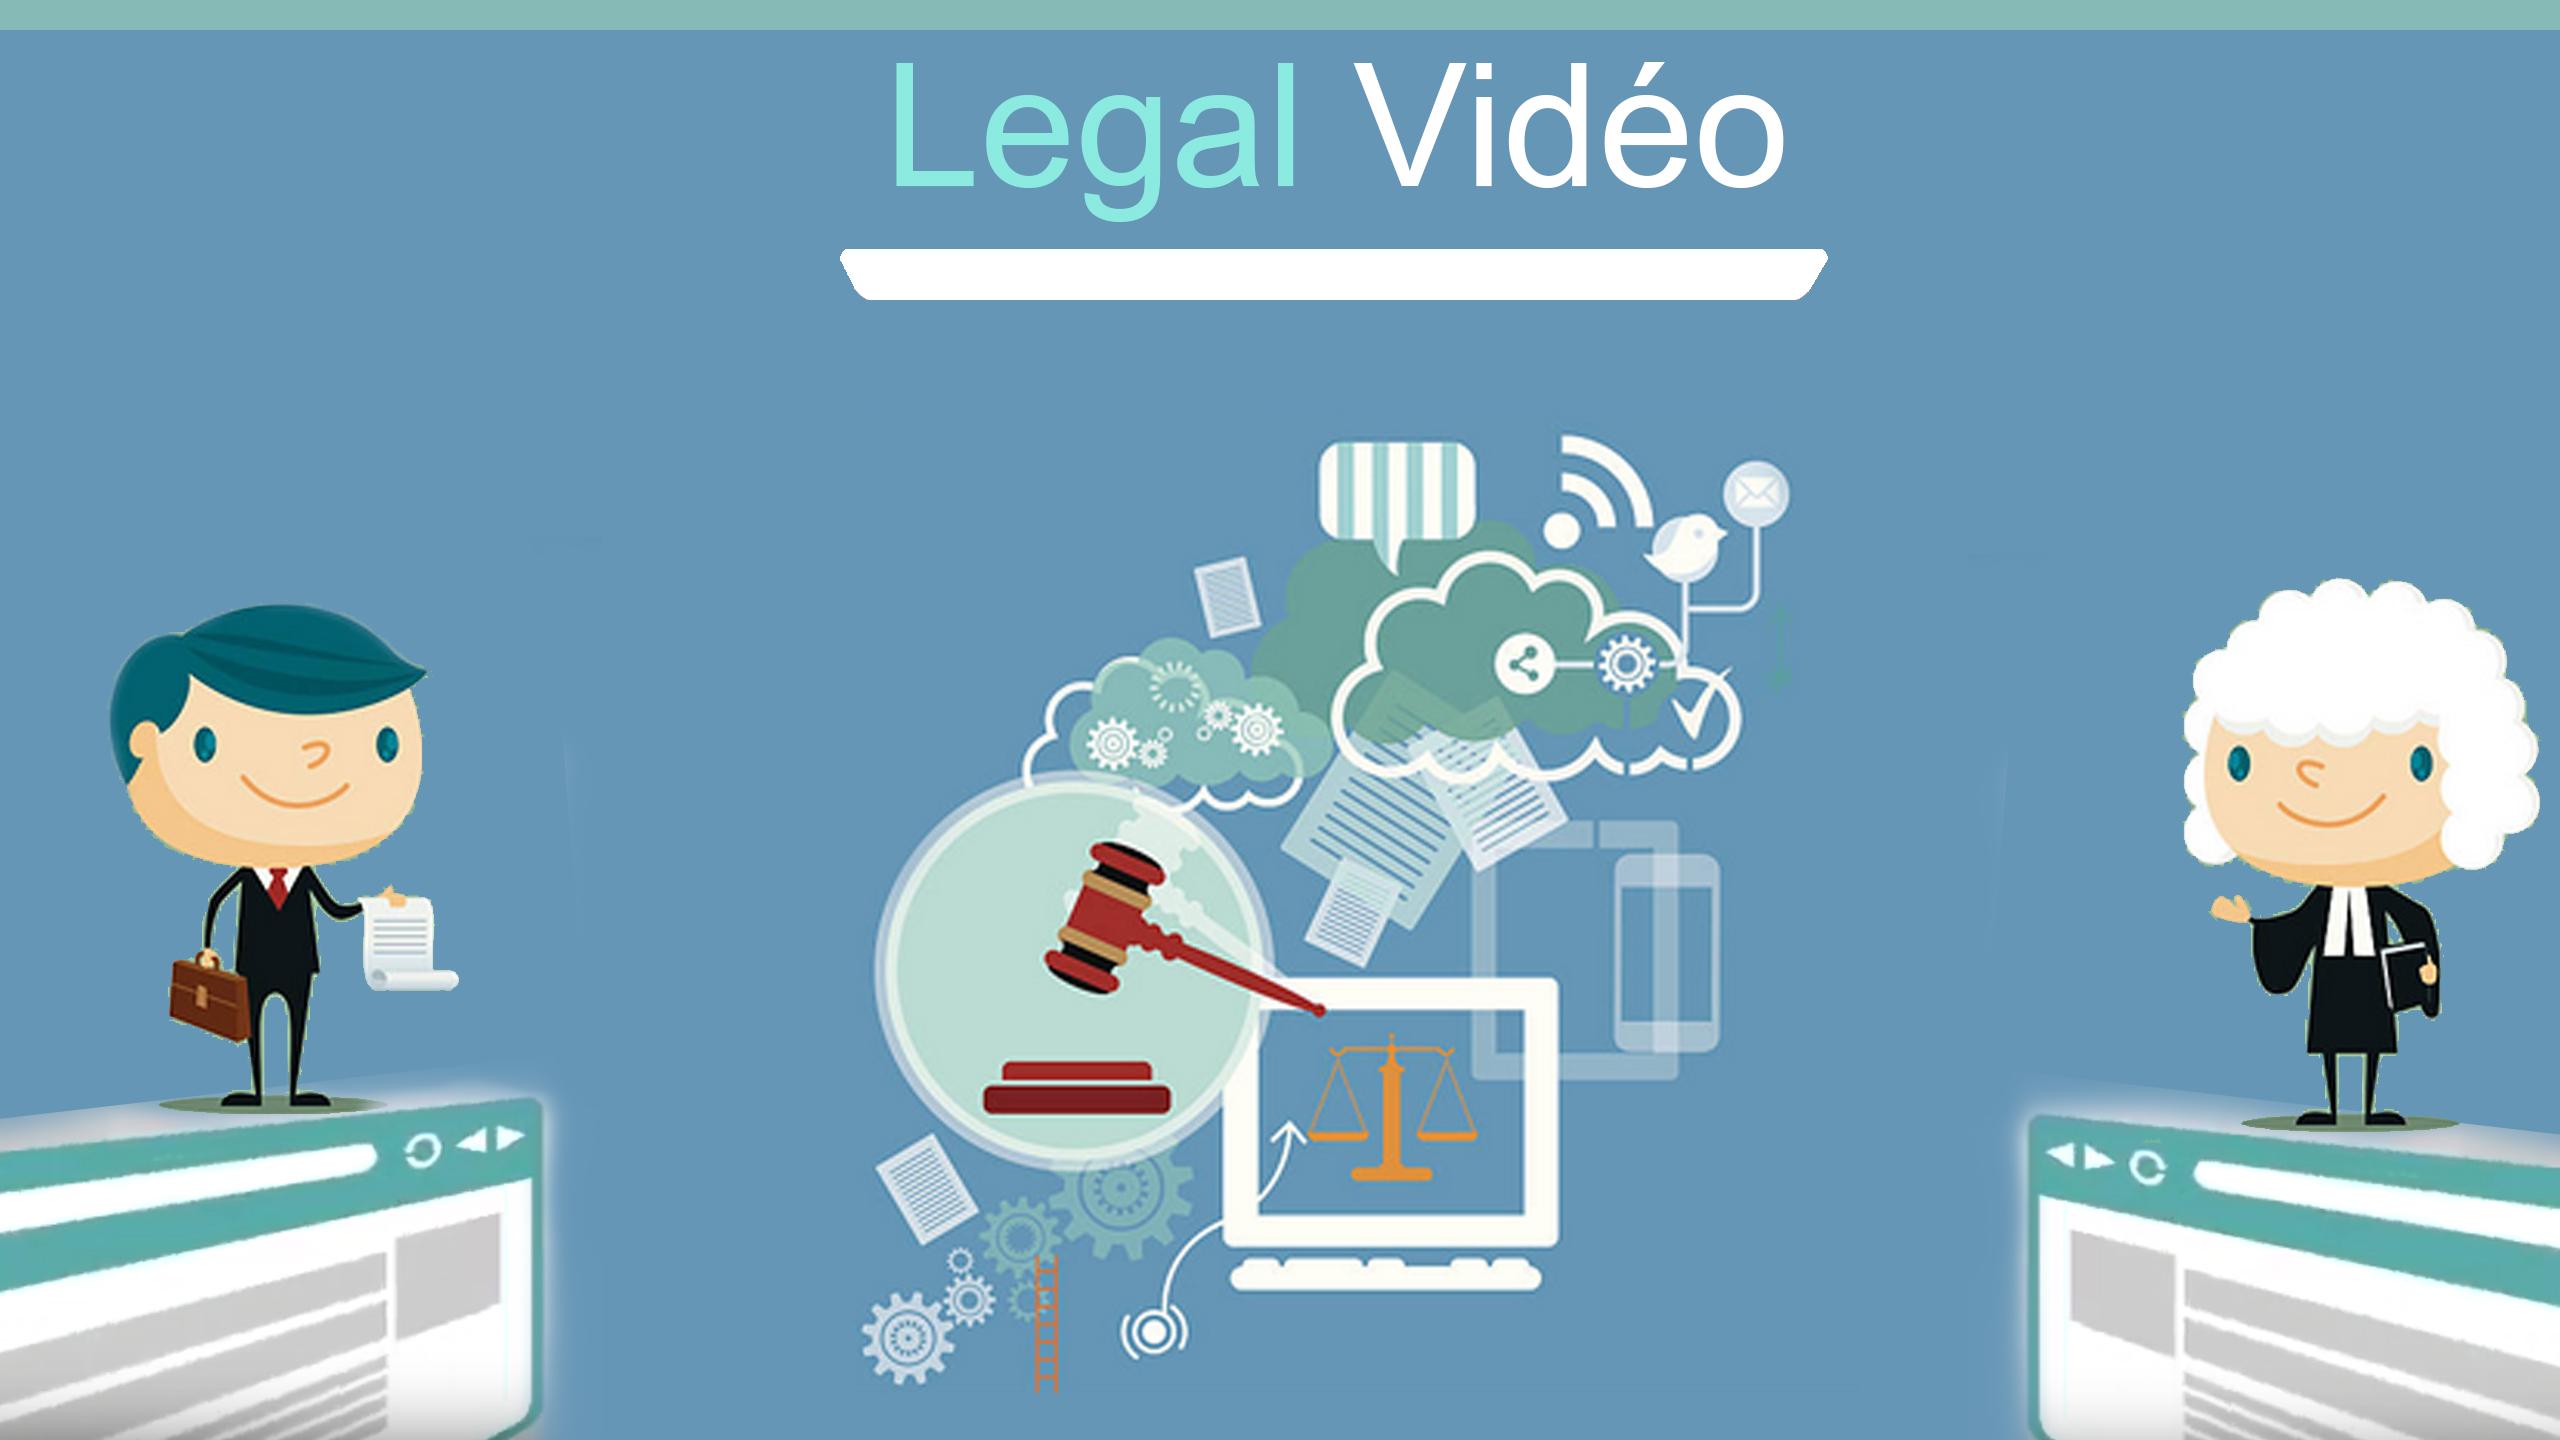 LexWeb s'offre un nouveau format avec les Legal Vidéos sur YouTube